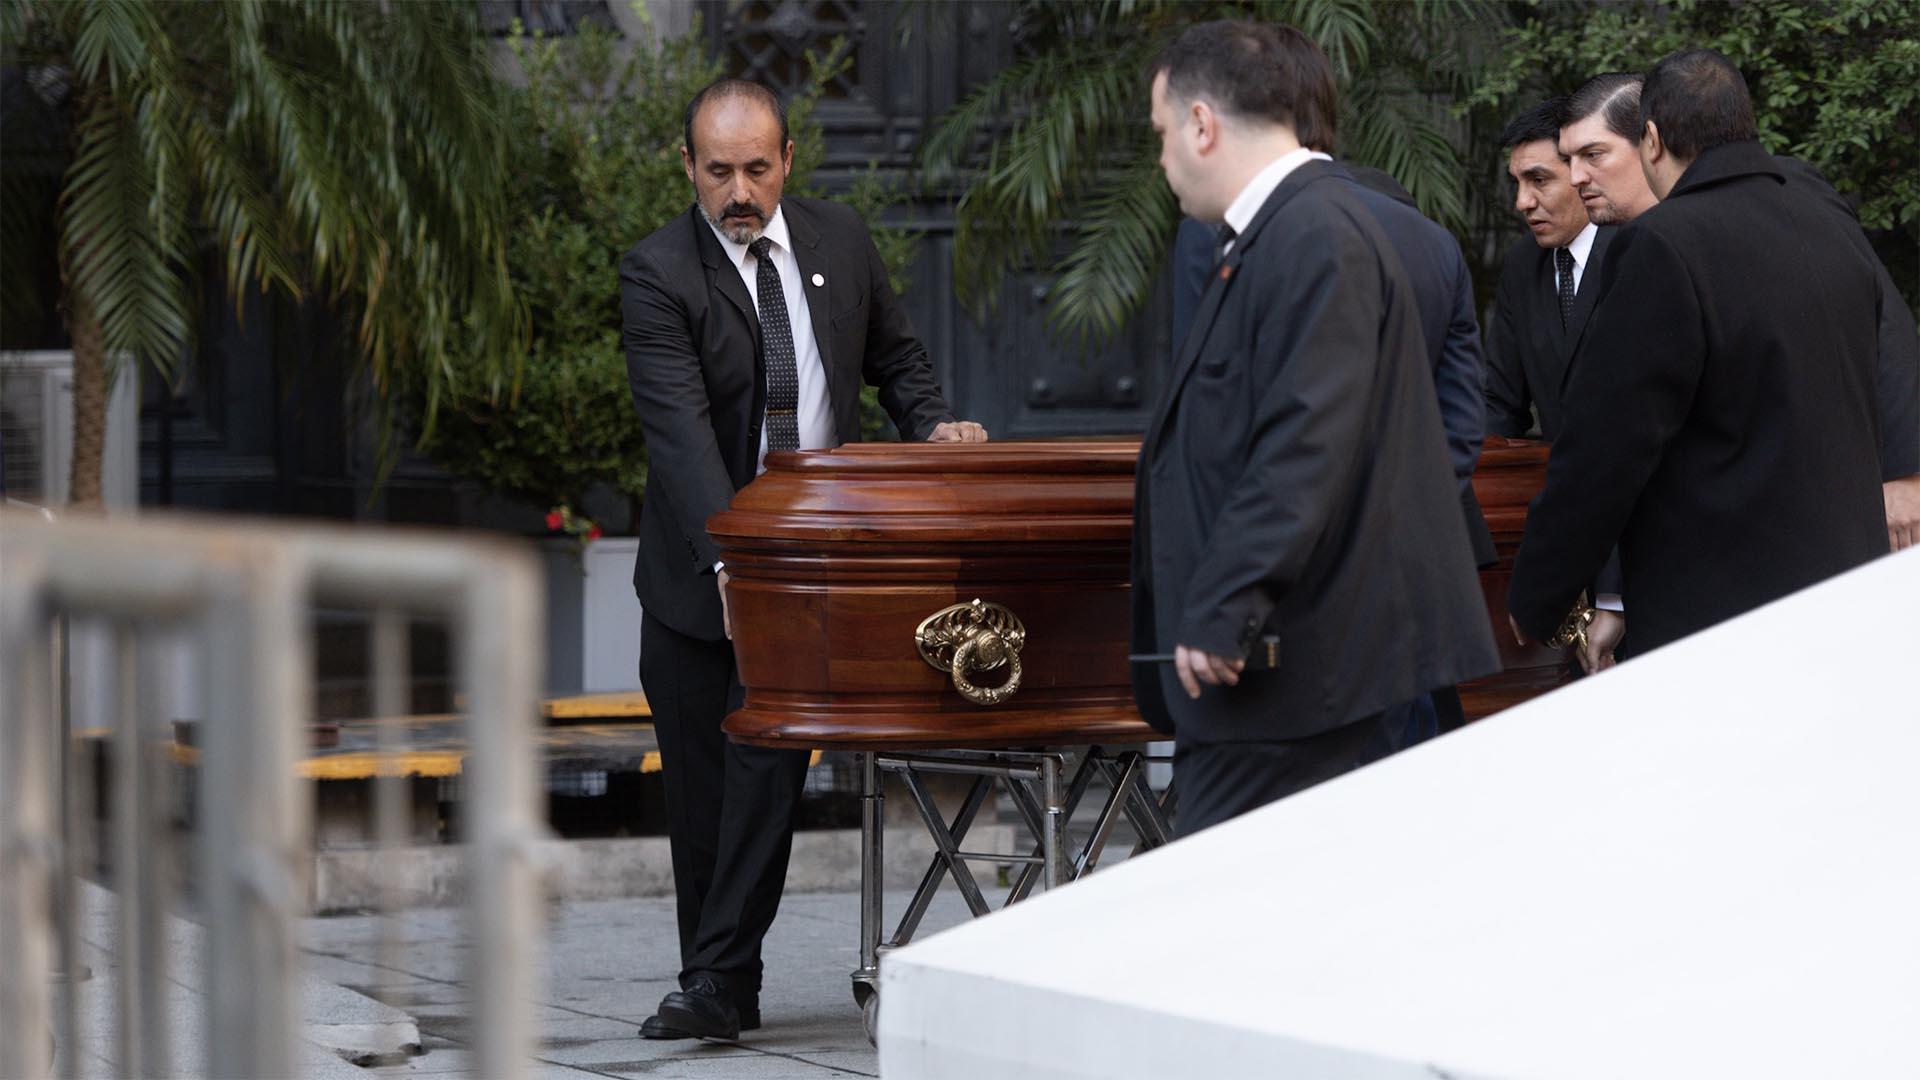 Olivares murió el domingo a la noche tras permanecer varios días en grave estado